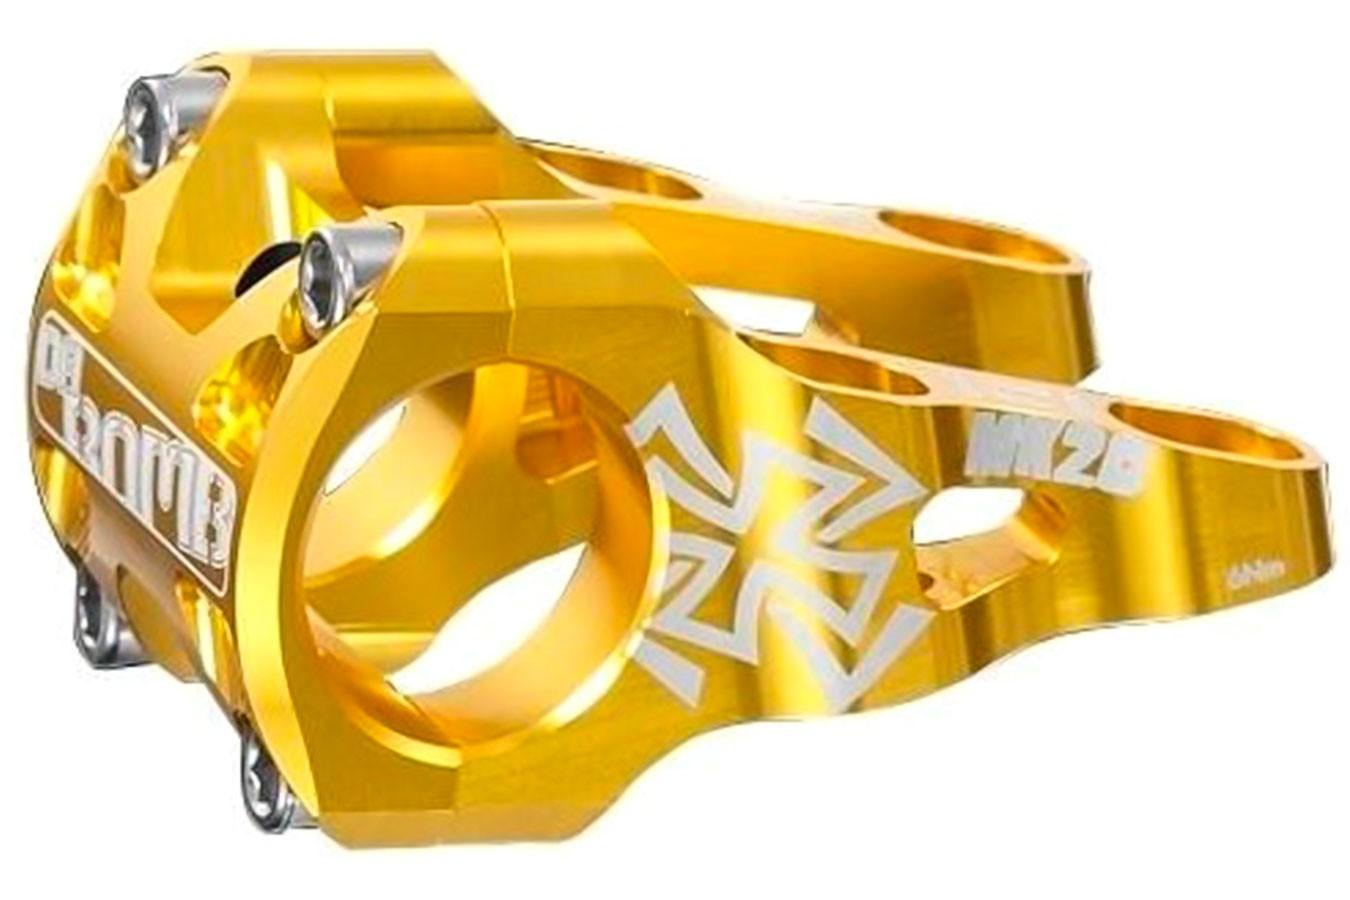 Suporte Guidão para suspensão Double Crown Da Bomb MK20 dourado